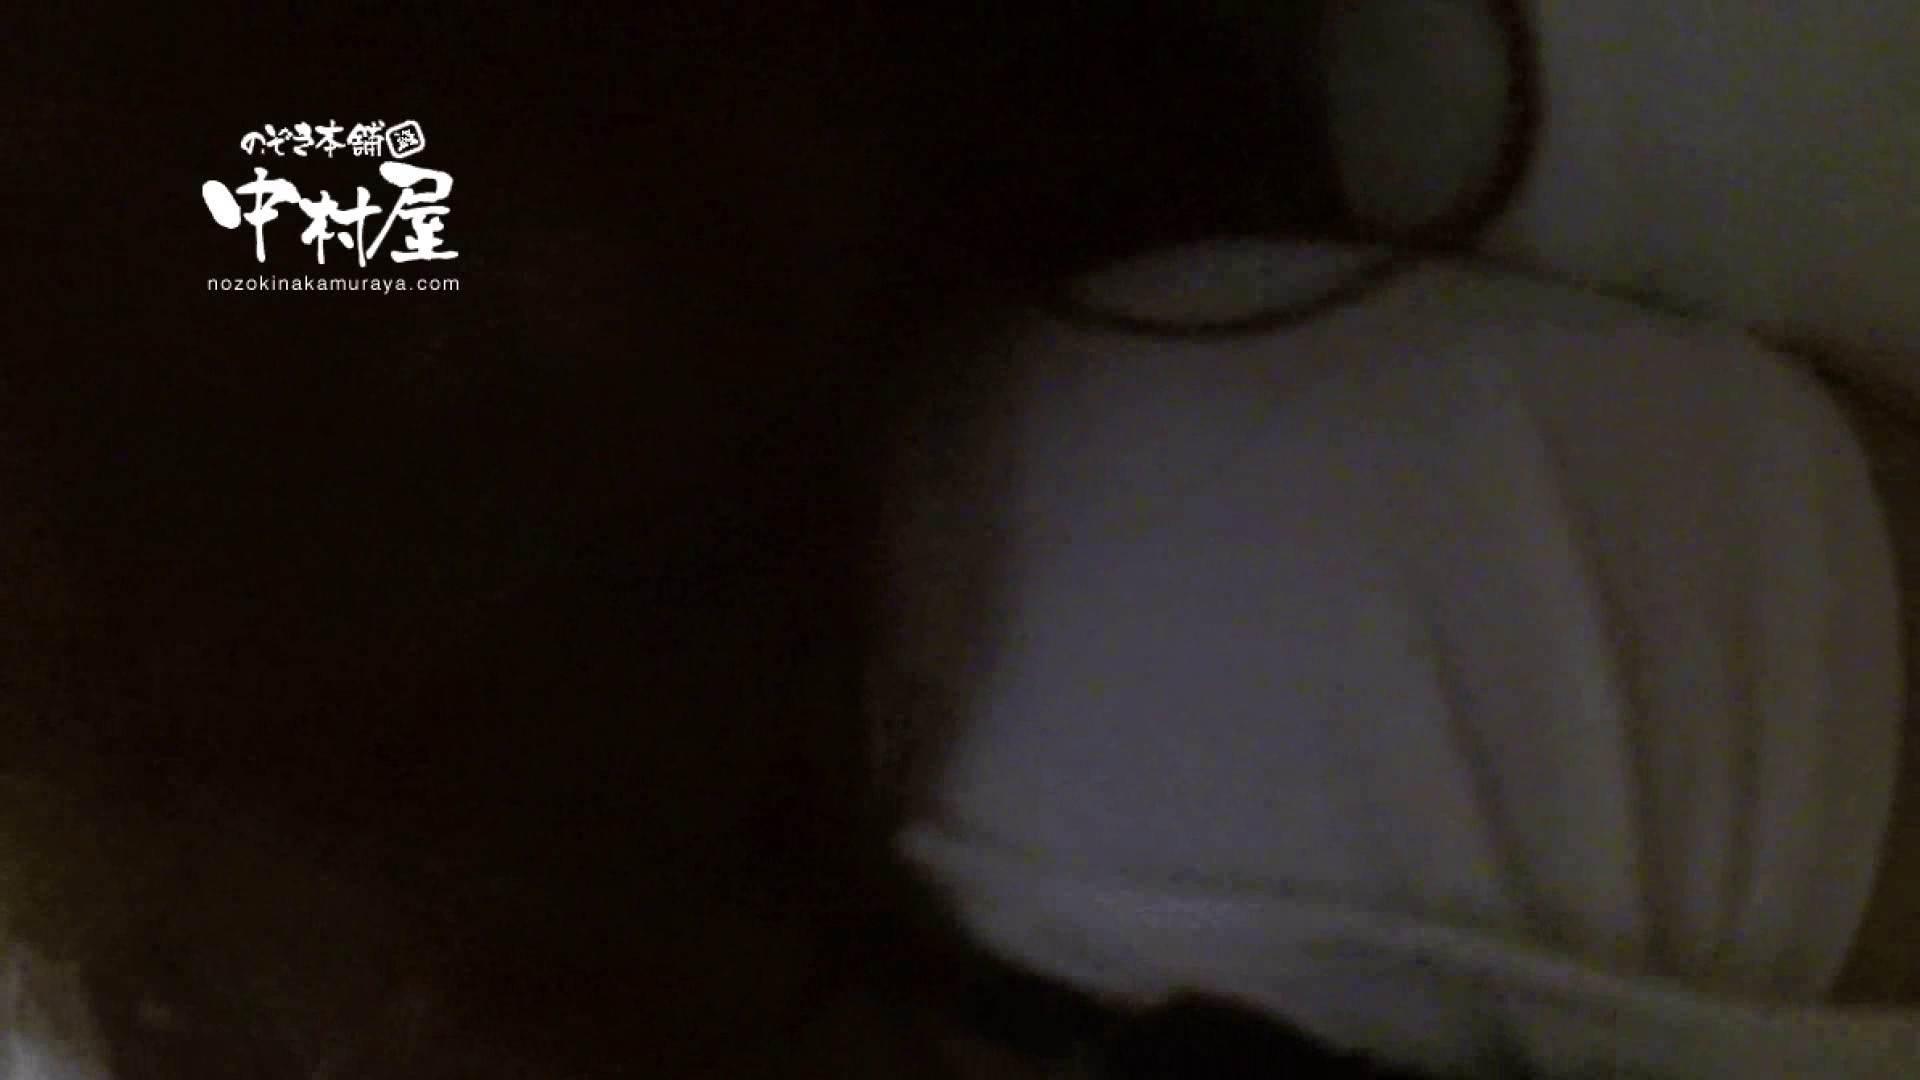 鬼畜 vol.08 極悪!妊娠覚悟の中出し! 後編 中出し 隠し撮りオマンコ動画紹介 94pic 44